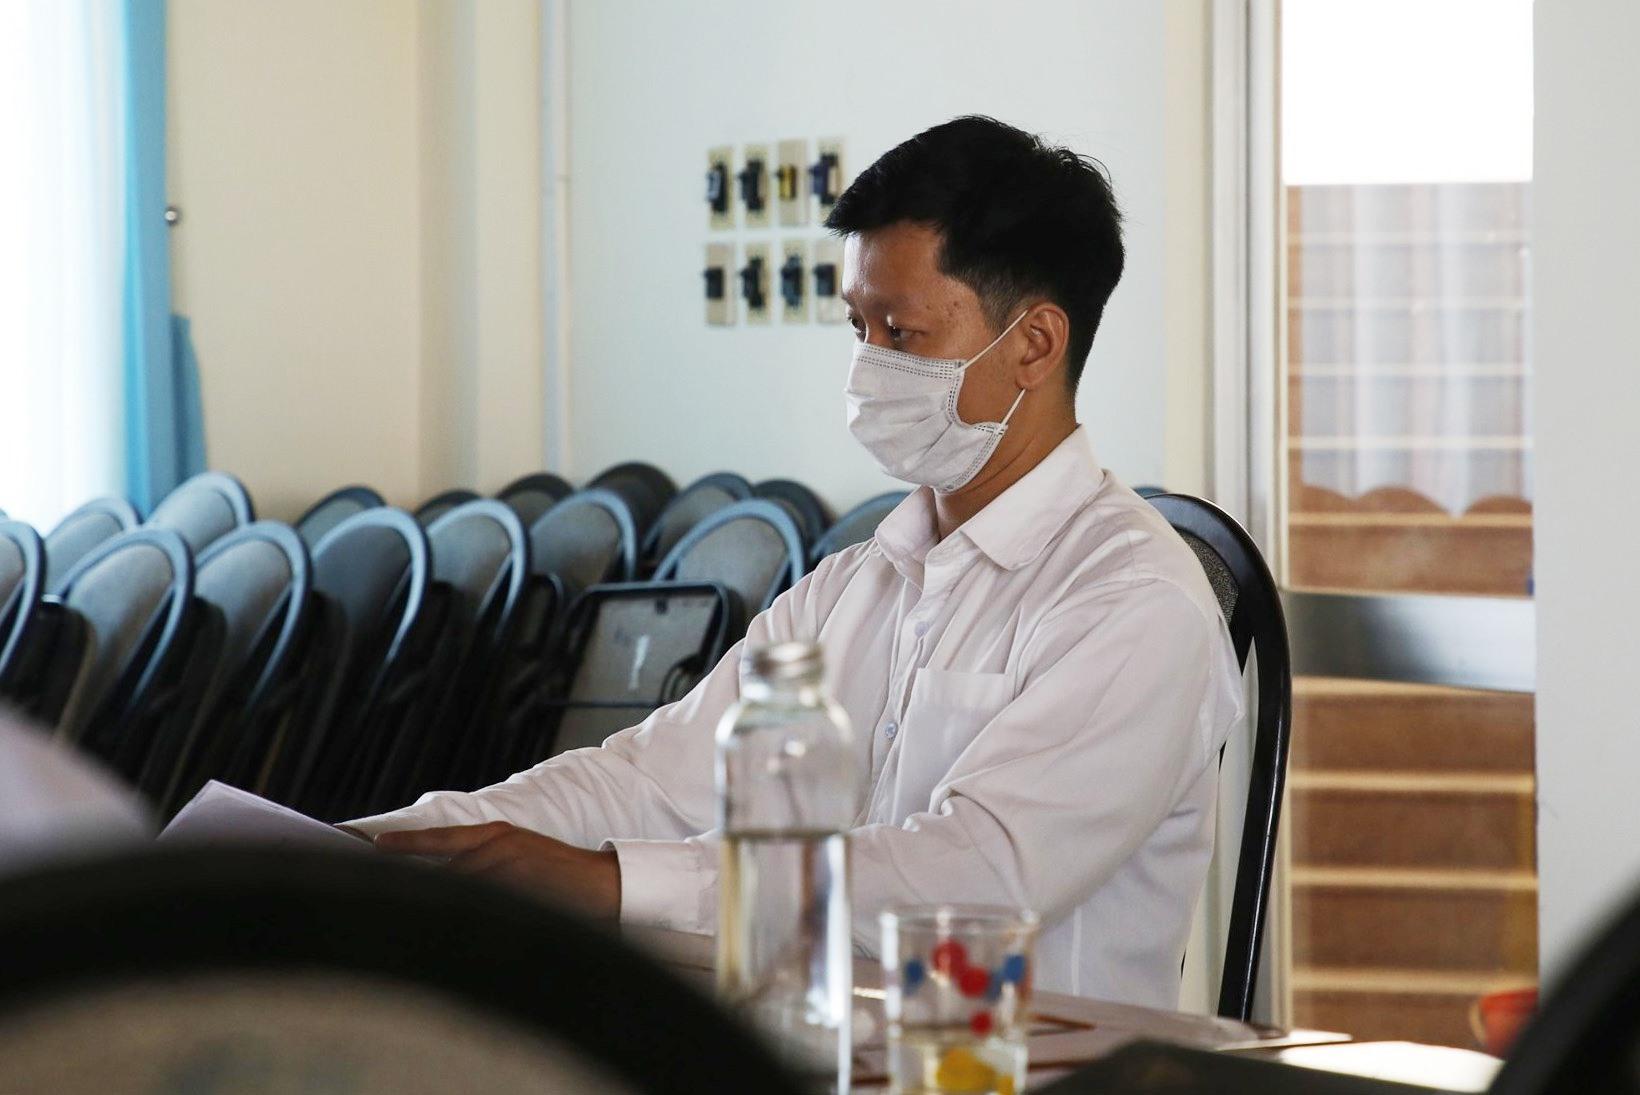 Ông Nguyễn Kim Bách đã làm đơn khiếu nại đến Chủ tịch UBND tỉnh về kết quả giải quyết của Chủ tịch hội đồng thi tuyển công chức. Ảnh: P.V